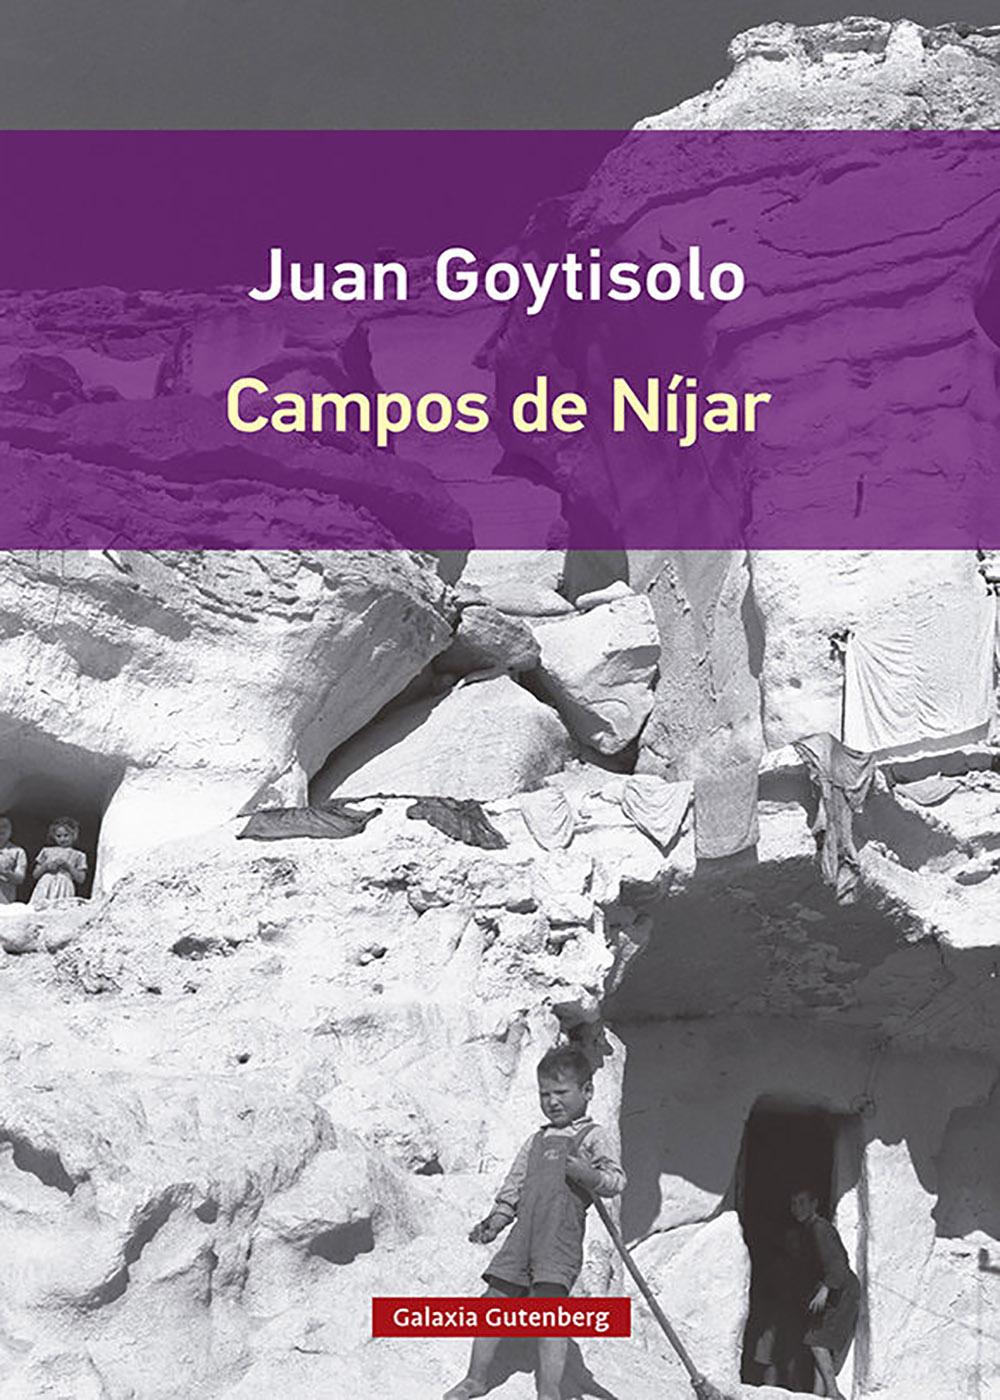 Juan Goytisolo - Campos de Níjar